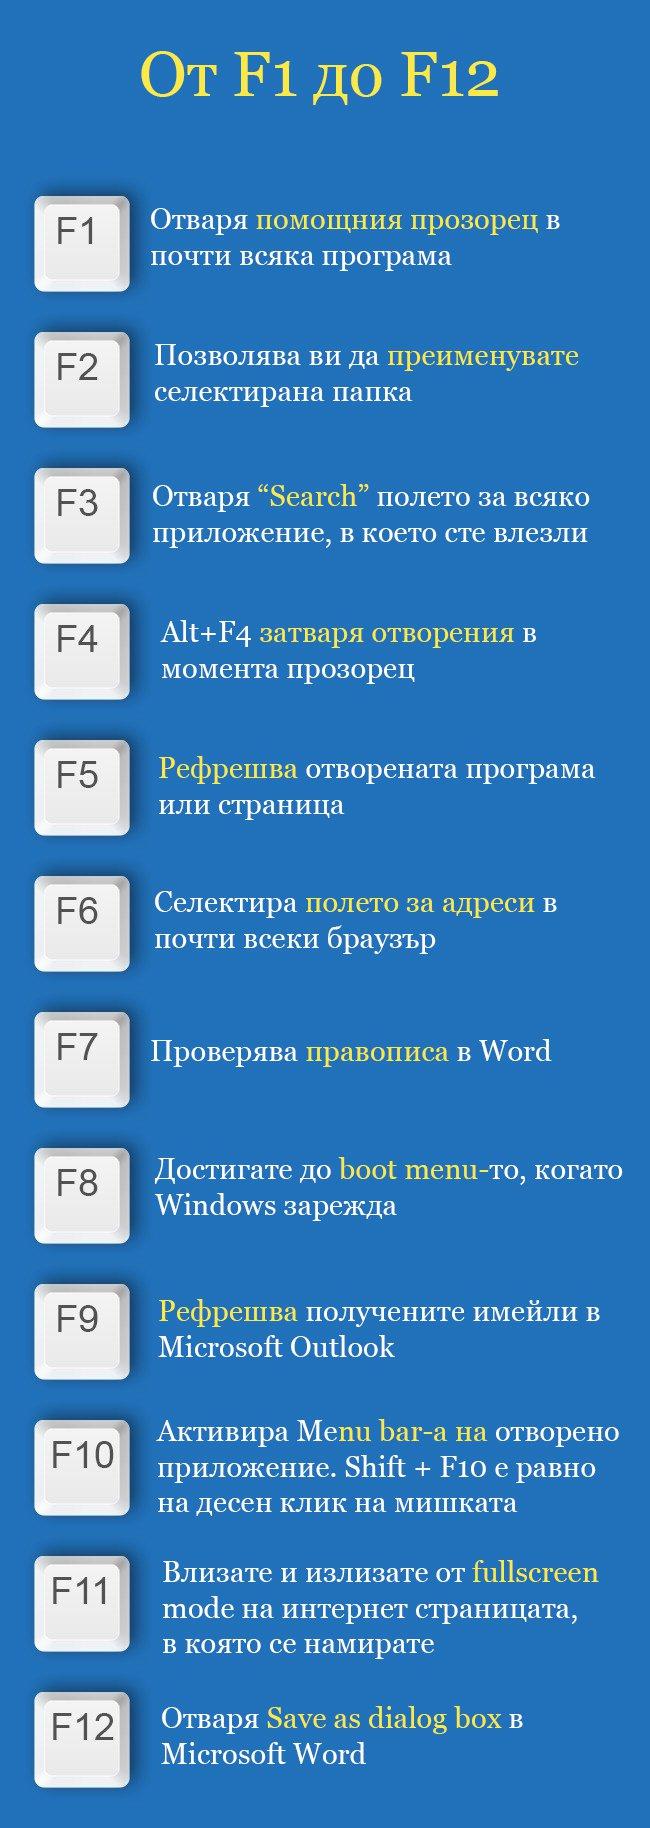 [Изображение: 2fs3ywfd.jpg]